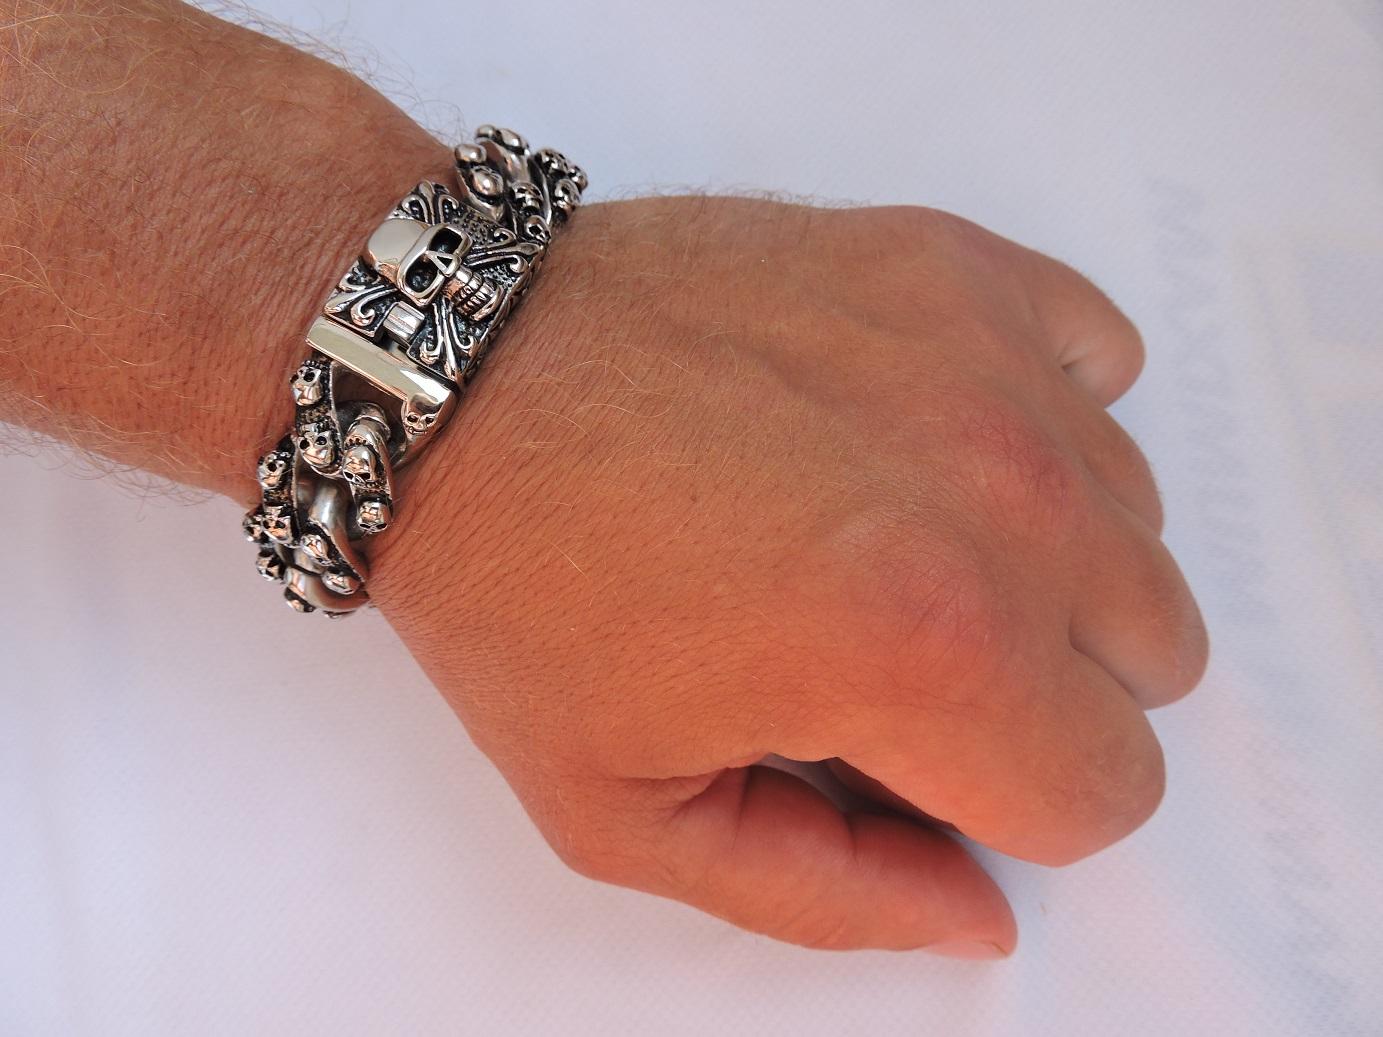 Браслеты из стали, массивный браслет, браслет с крестом, браслет с черепом